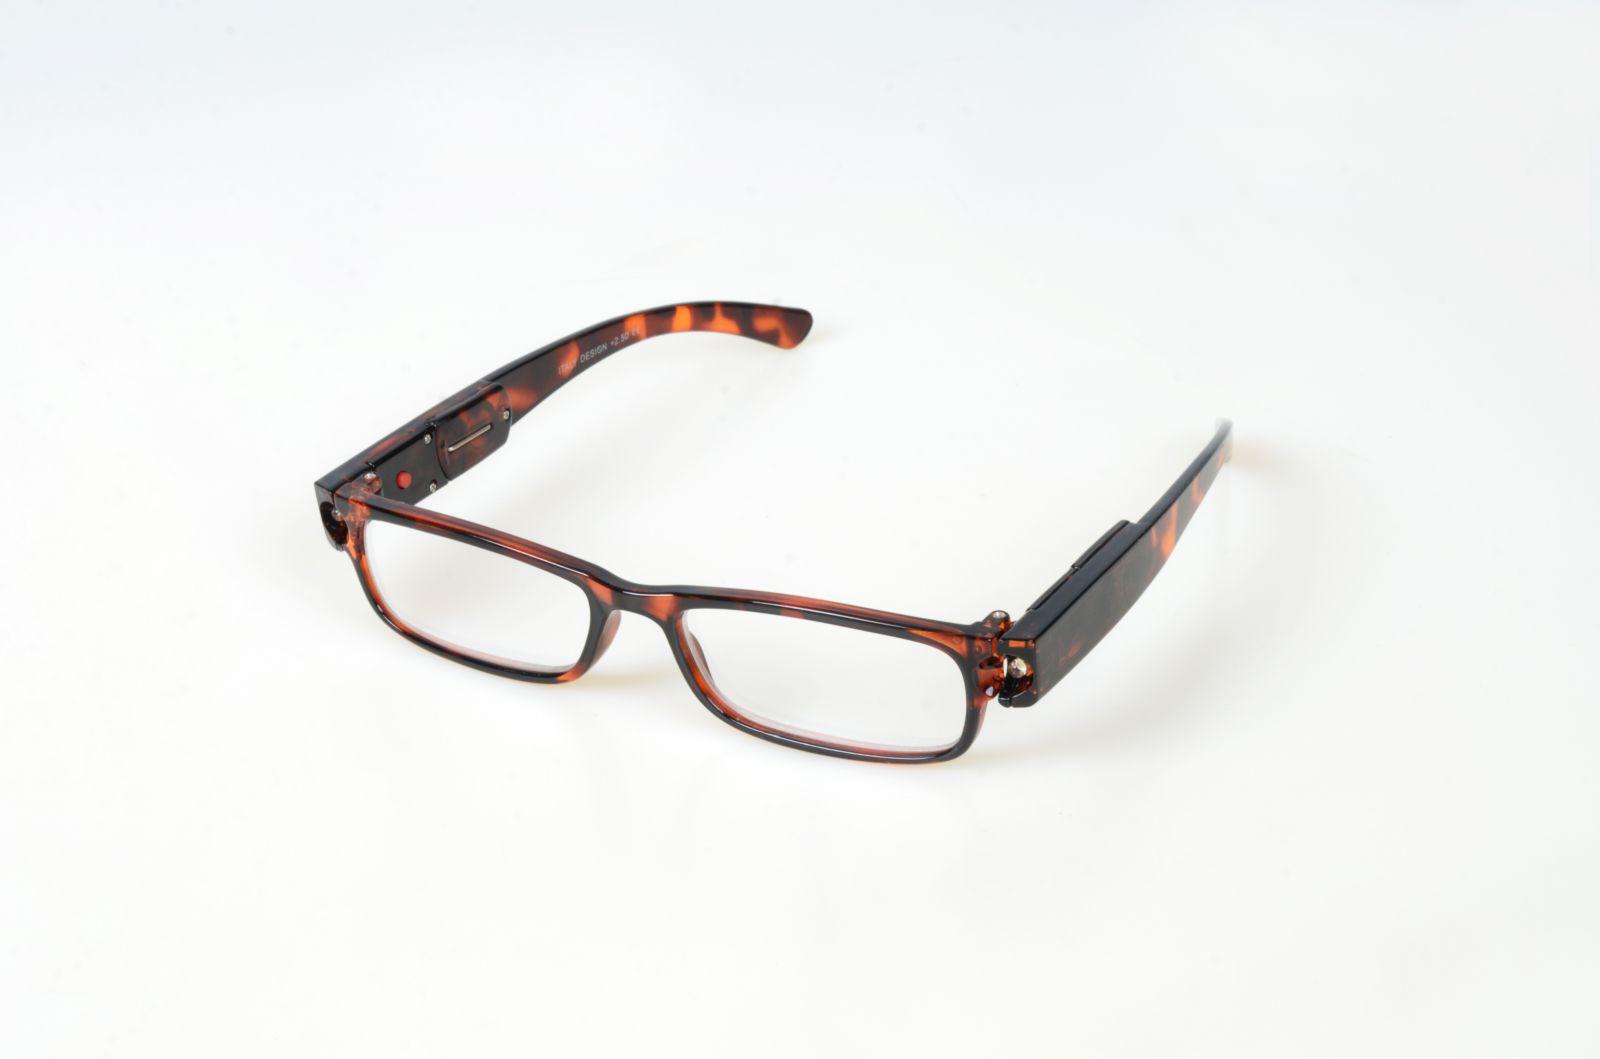 Dioptrické brýle se světýlkama +3,00 hnědé obruby